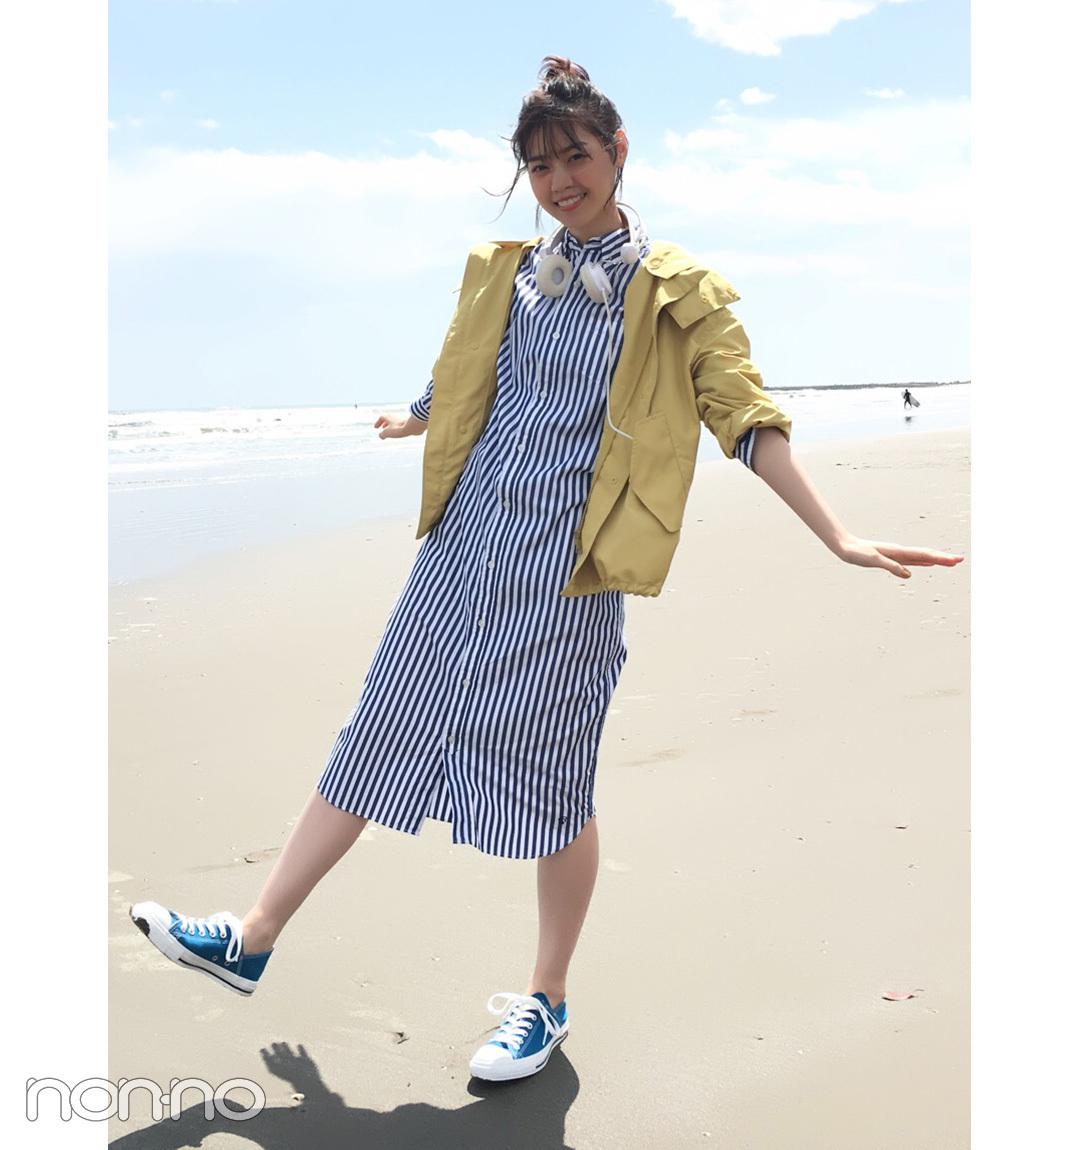 【夏のスニーカーコーデ】西野七瀬はナイロンパーカ×シャツワンピでカジュアルモテ♡